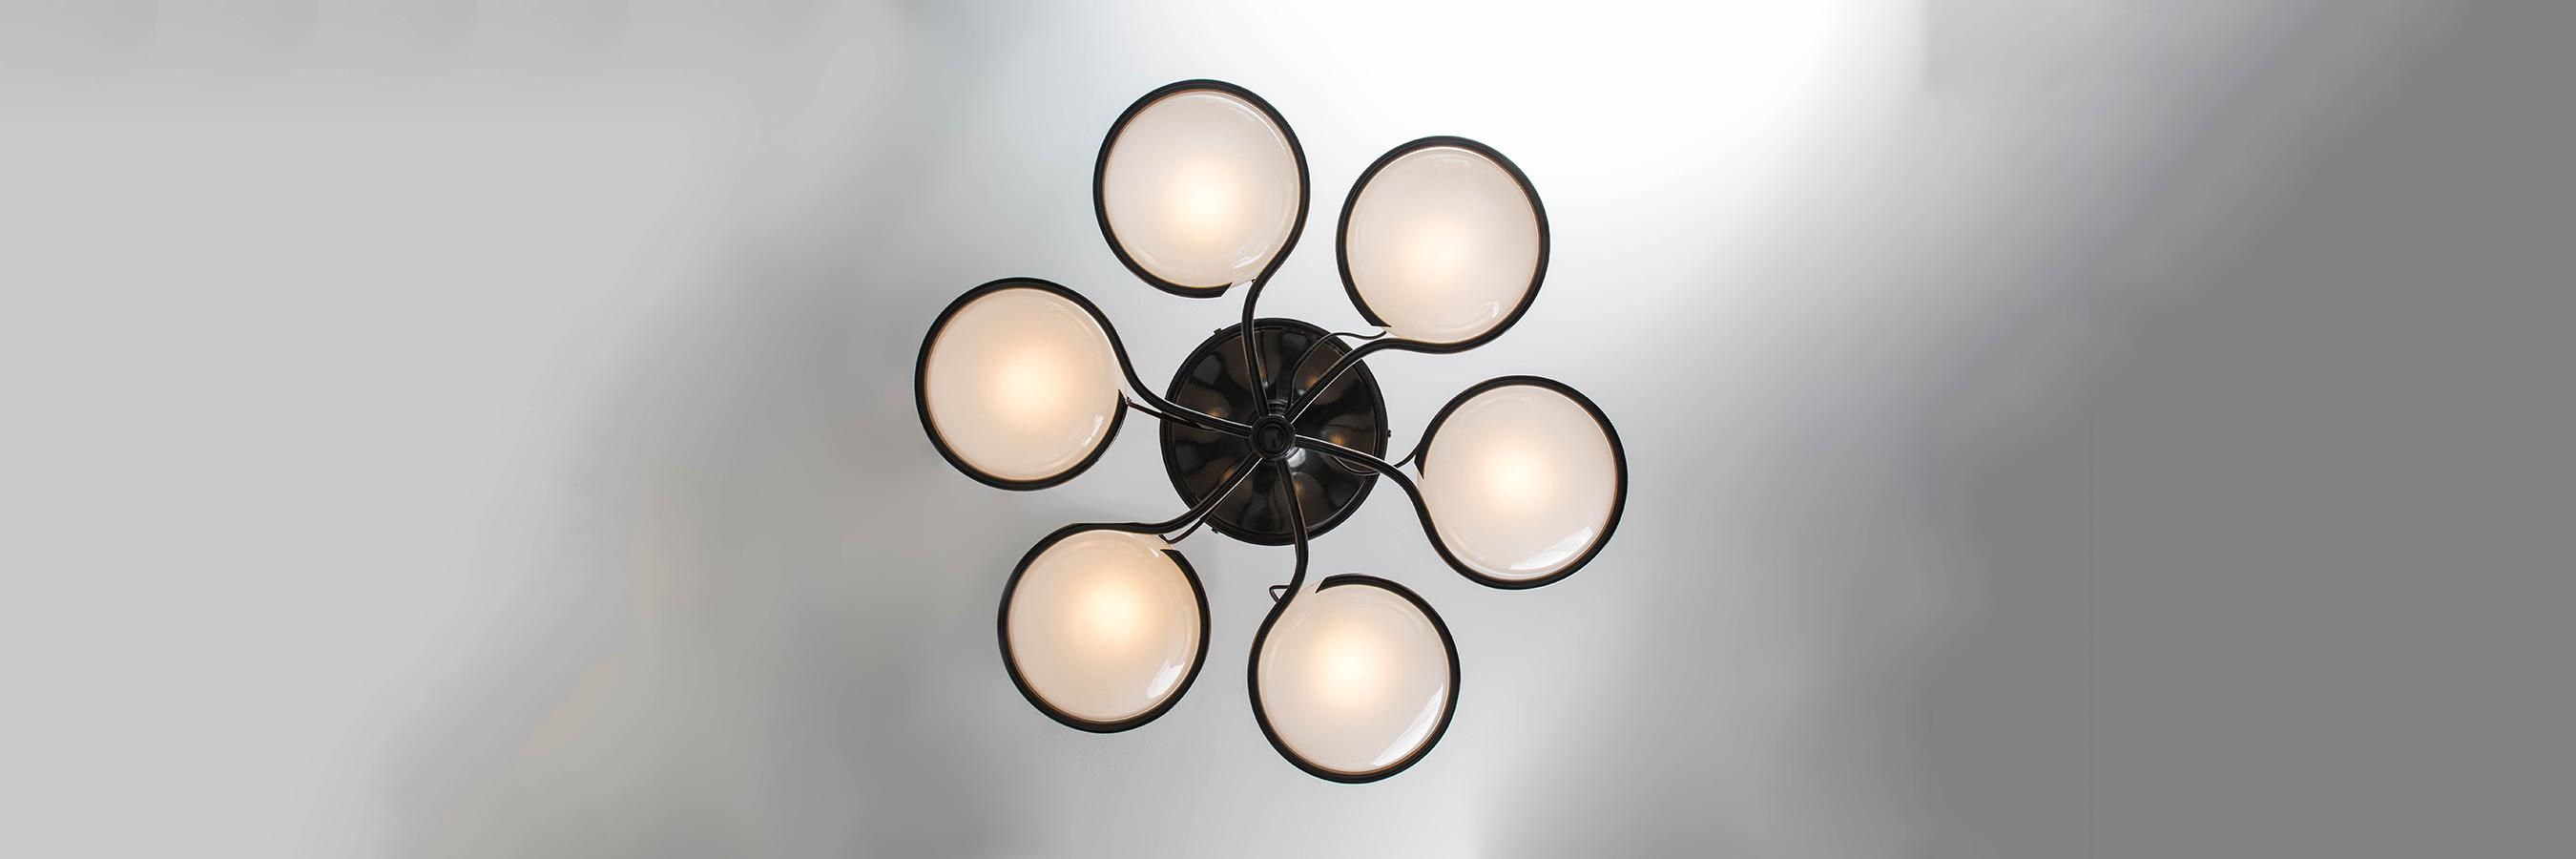 chandelier by    soyun k.